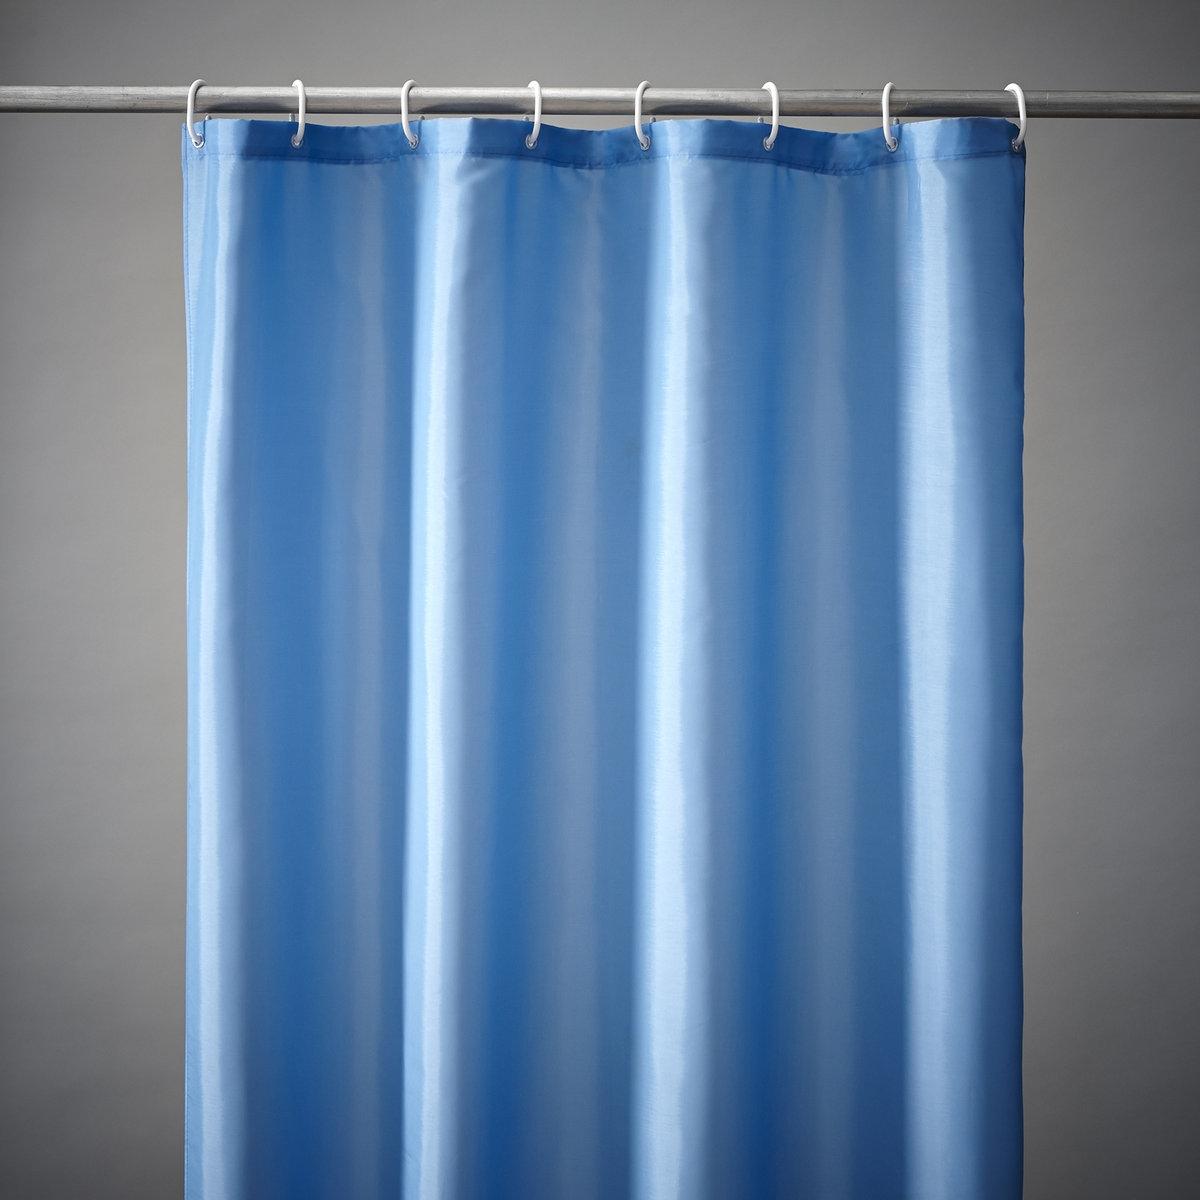 Штора для душа Sc?narioШтора для душа в 8 великолепных цветах для создания атмосферы гармонии в ванной комнате! Штора для душа из эластичного и непромокаемого текстиля, 100% полиэстера.Крепление с помощью пластиковых прозрачных крючков, идут в комплекте.Низ с грузиками для идеального натяжения.Размер шторы для душа: высота 200 см, два варианта ширины: 120 см или 180 см.<br><br>Цвет: зеленый анис,синий океан,слоновая кость<br>Размер: 200 x 180 см.200 x 180 см.200 x 120 см.200 x 120 см